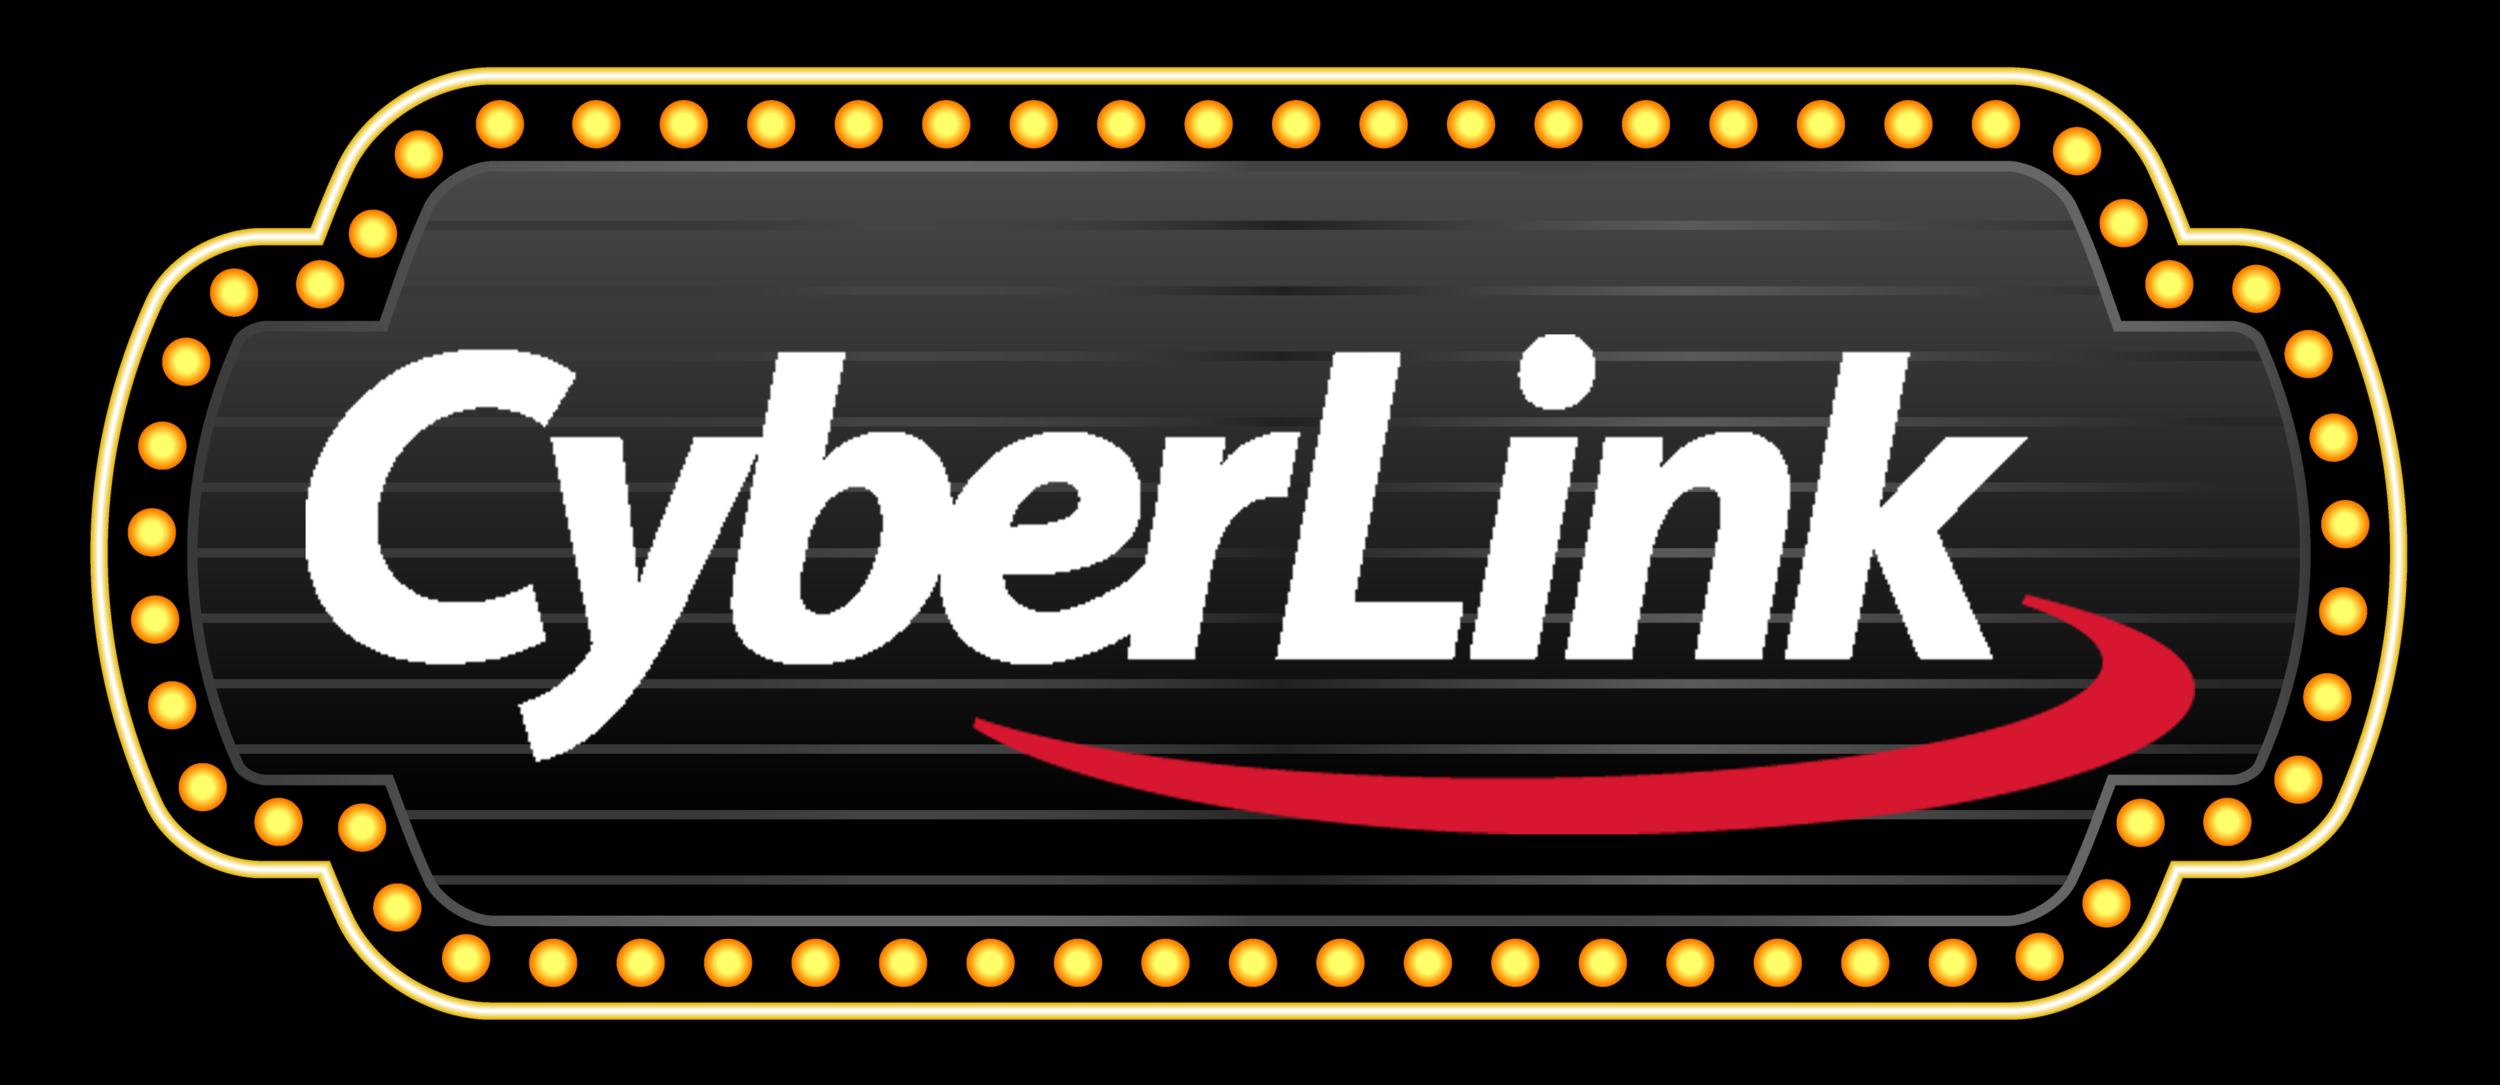 CyberLink Logo2.png